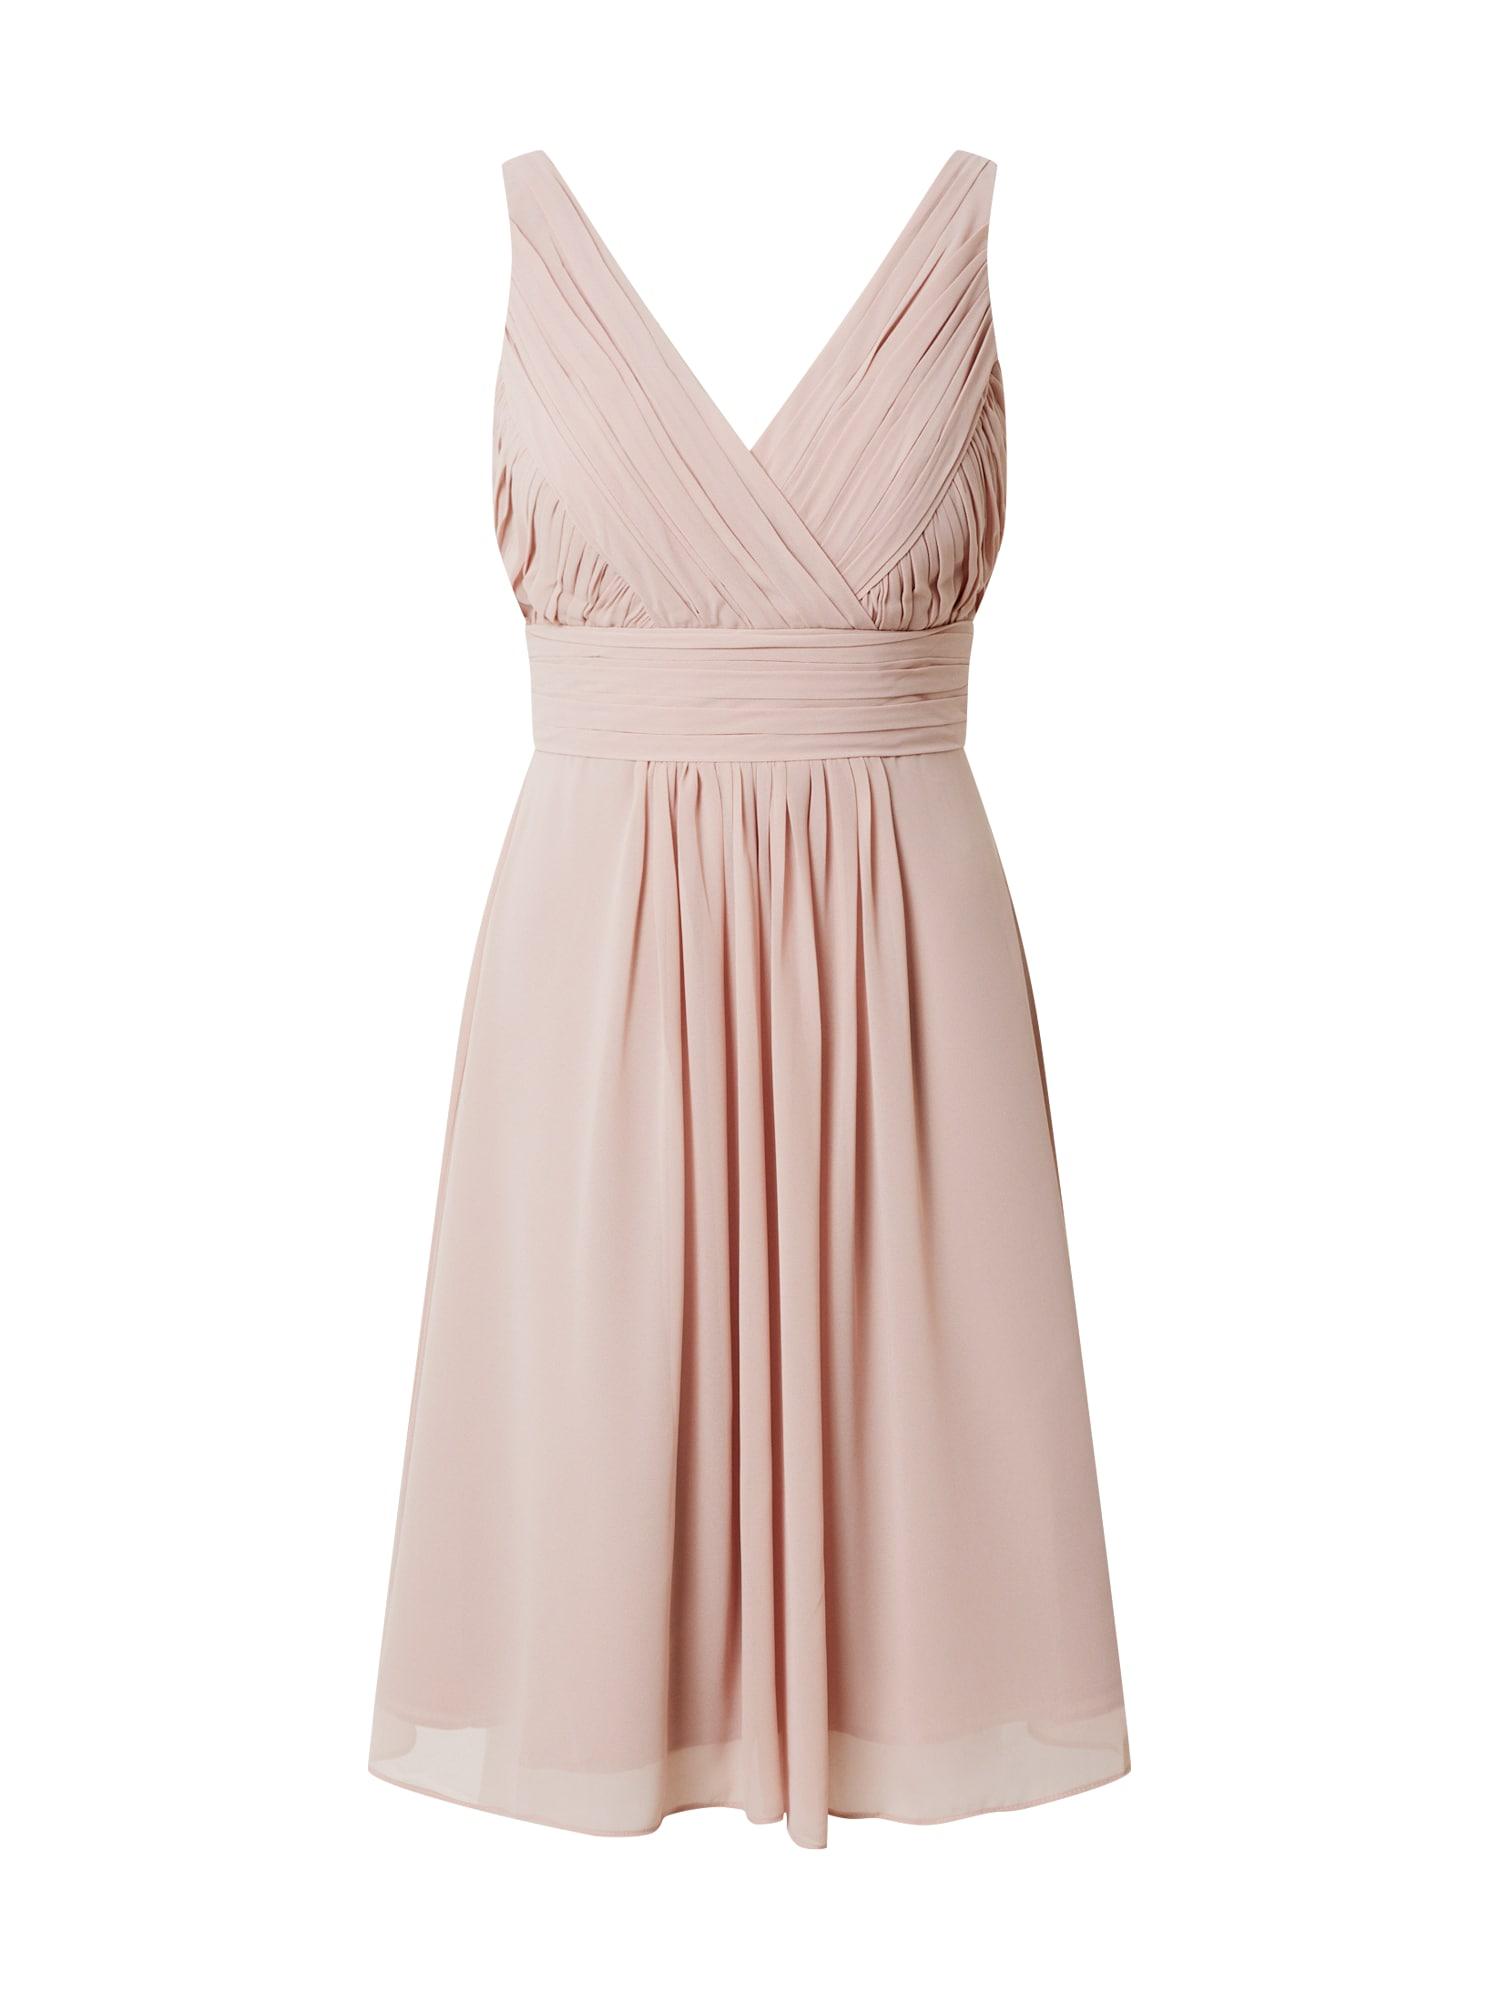 STAR NIGHT Kokteilinė suknelė pastelinė rožinė